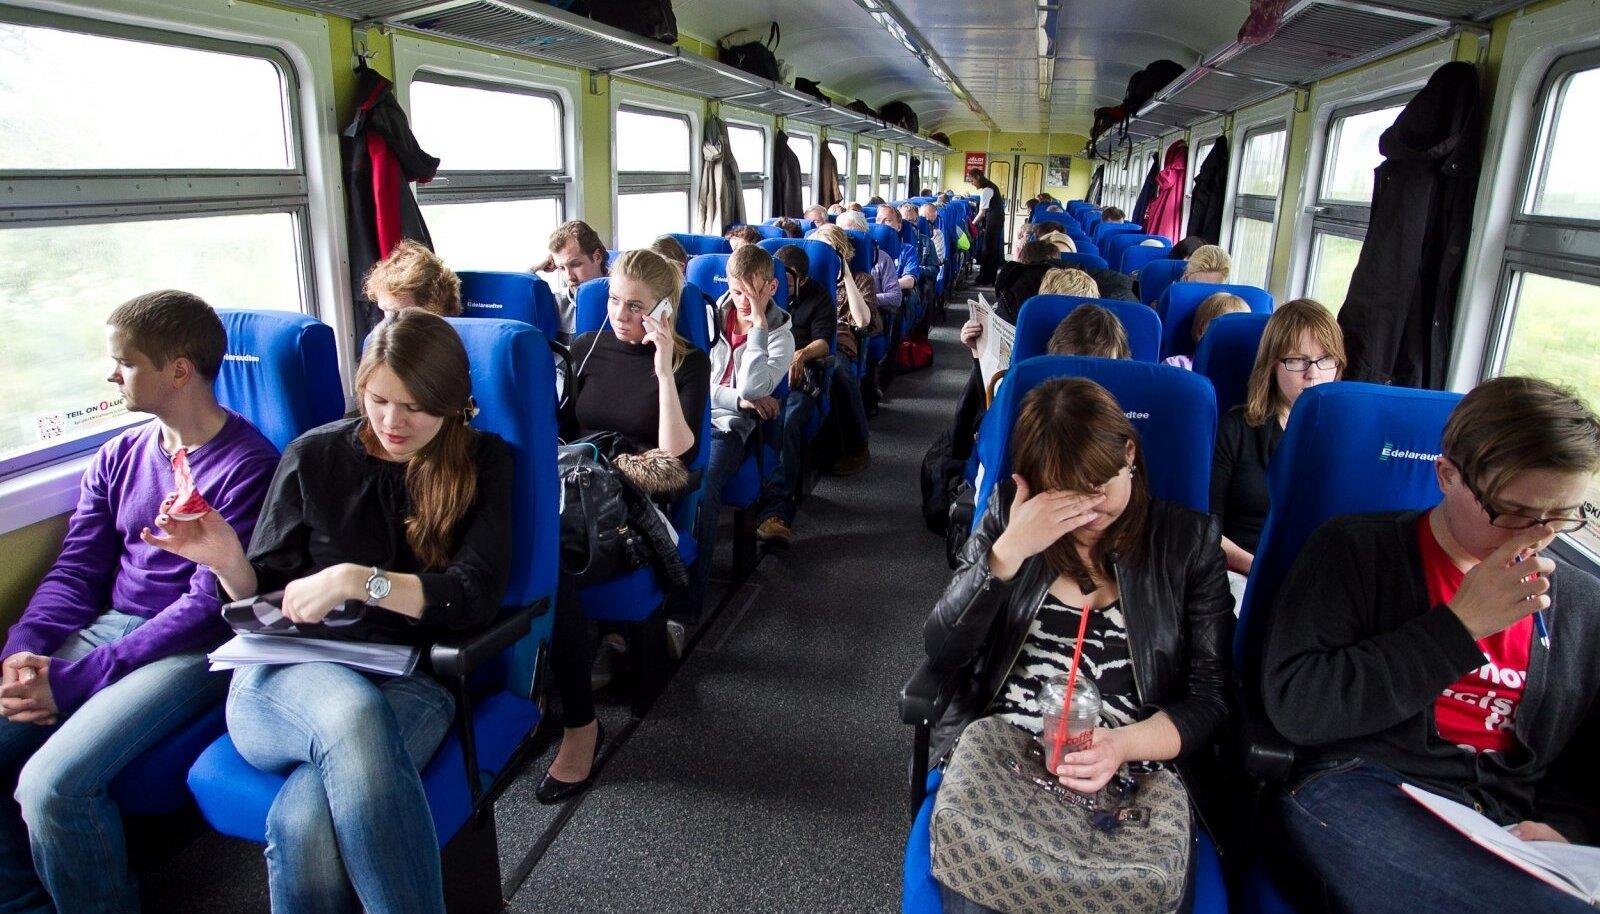 Niipea kui rong New Yorgist Washingtoni liikuma hakkas, tulid inimesed vagunite eri nurkadest keskele kokku, tutvustasid üksteist ja hakkasid elavalt rääkima. Kui tõenäoline oleks see Eestis?